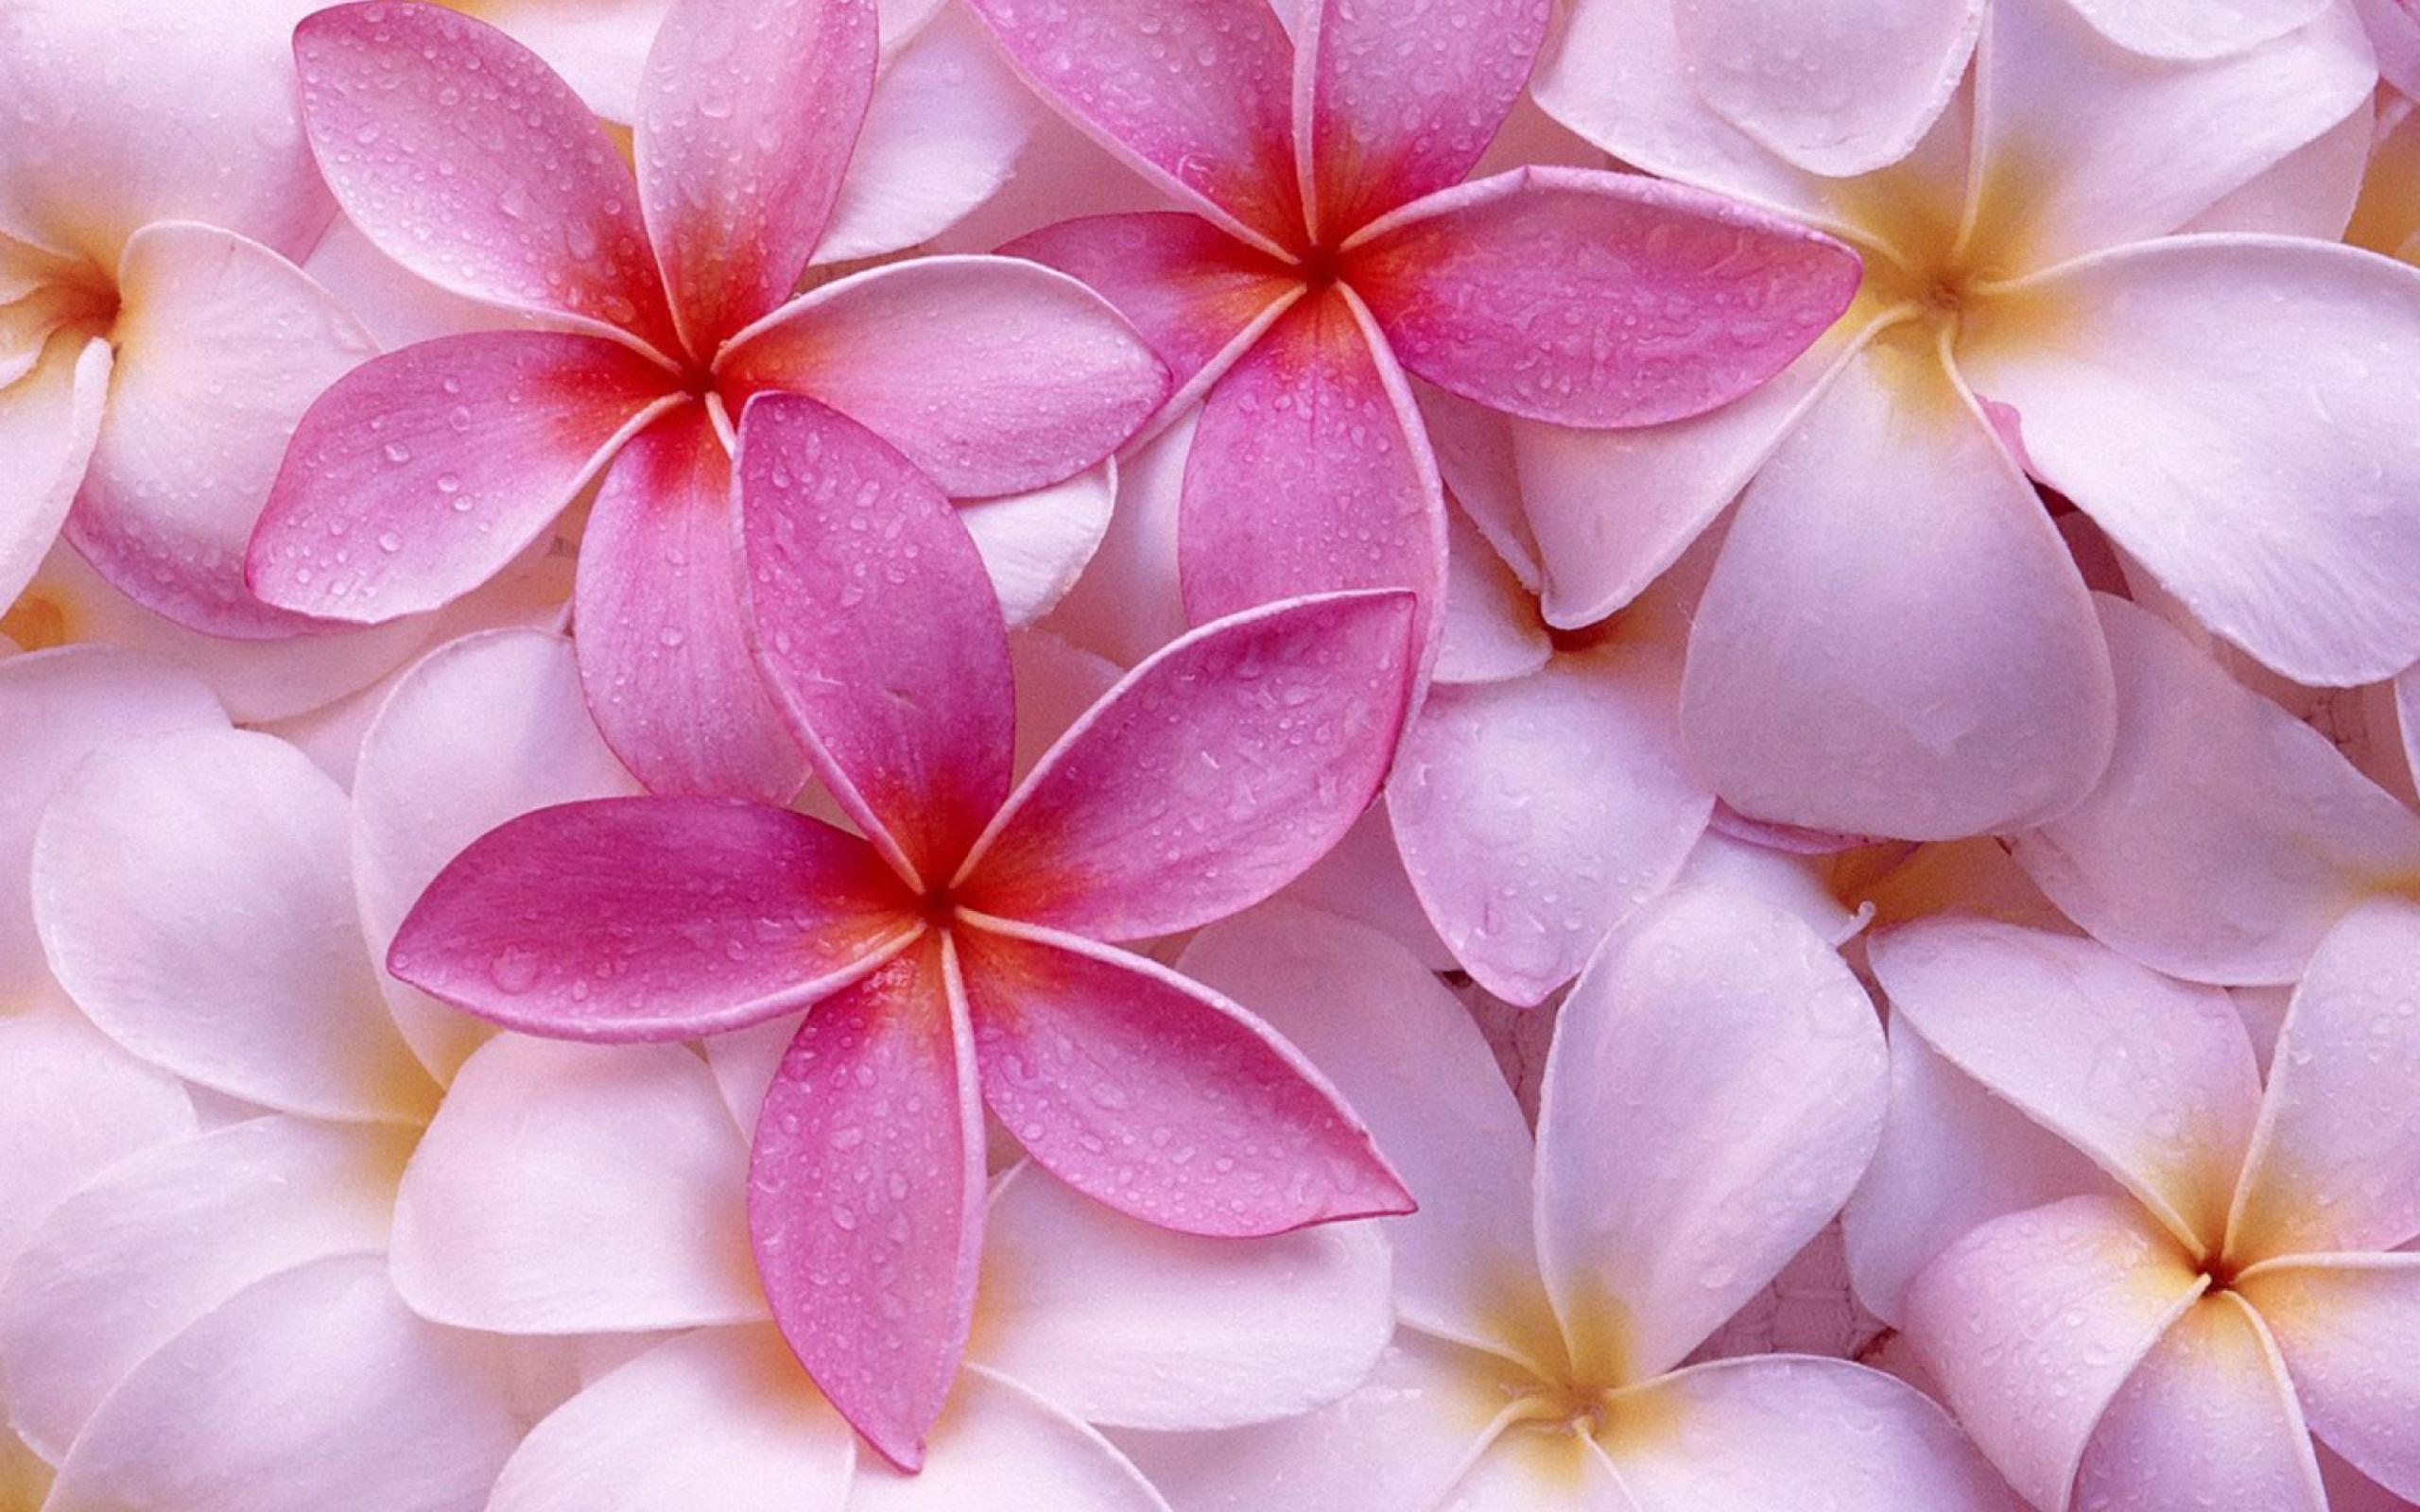 визуальные дополнения картинки на телефон обои для телефона цветы стеллажи для книг